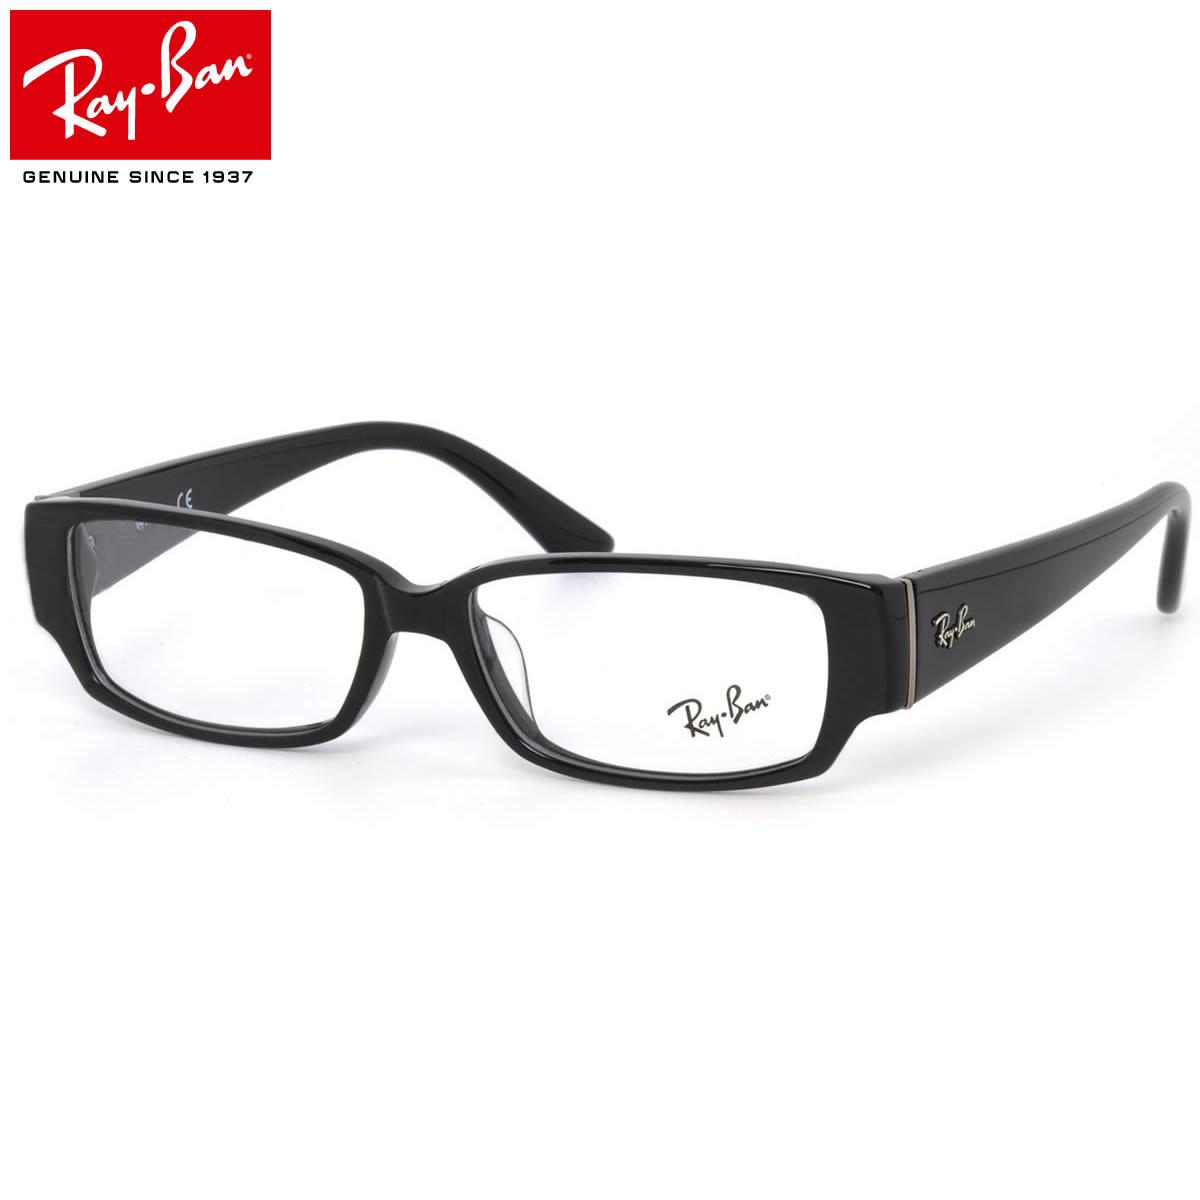 【Ray-Ban】(レイバン) メガネ フレーム RX5250 5114 54サイズ 伊達メガネ 度付き レイバン RAYBAN メンズ レディース